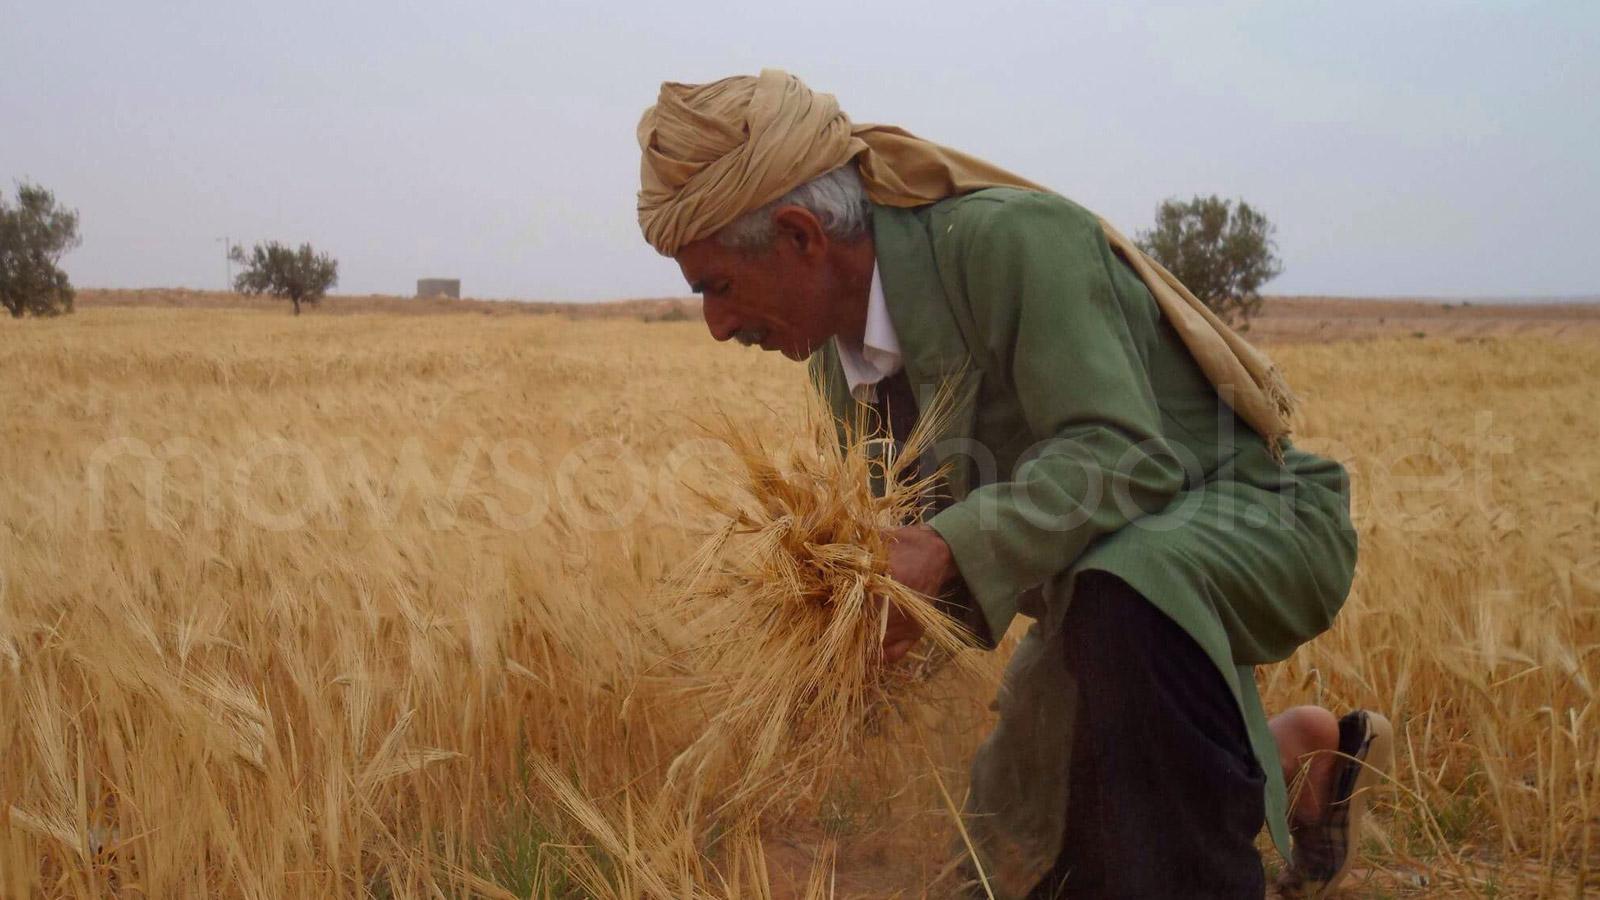 المجال الفلاحي بالبلاد التونسية – جغرافيا - الثالثة آداب واقتصاد وتصرف